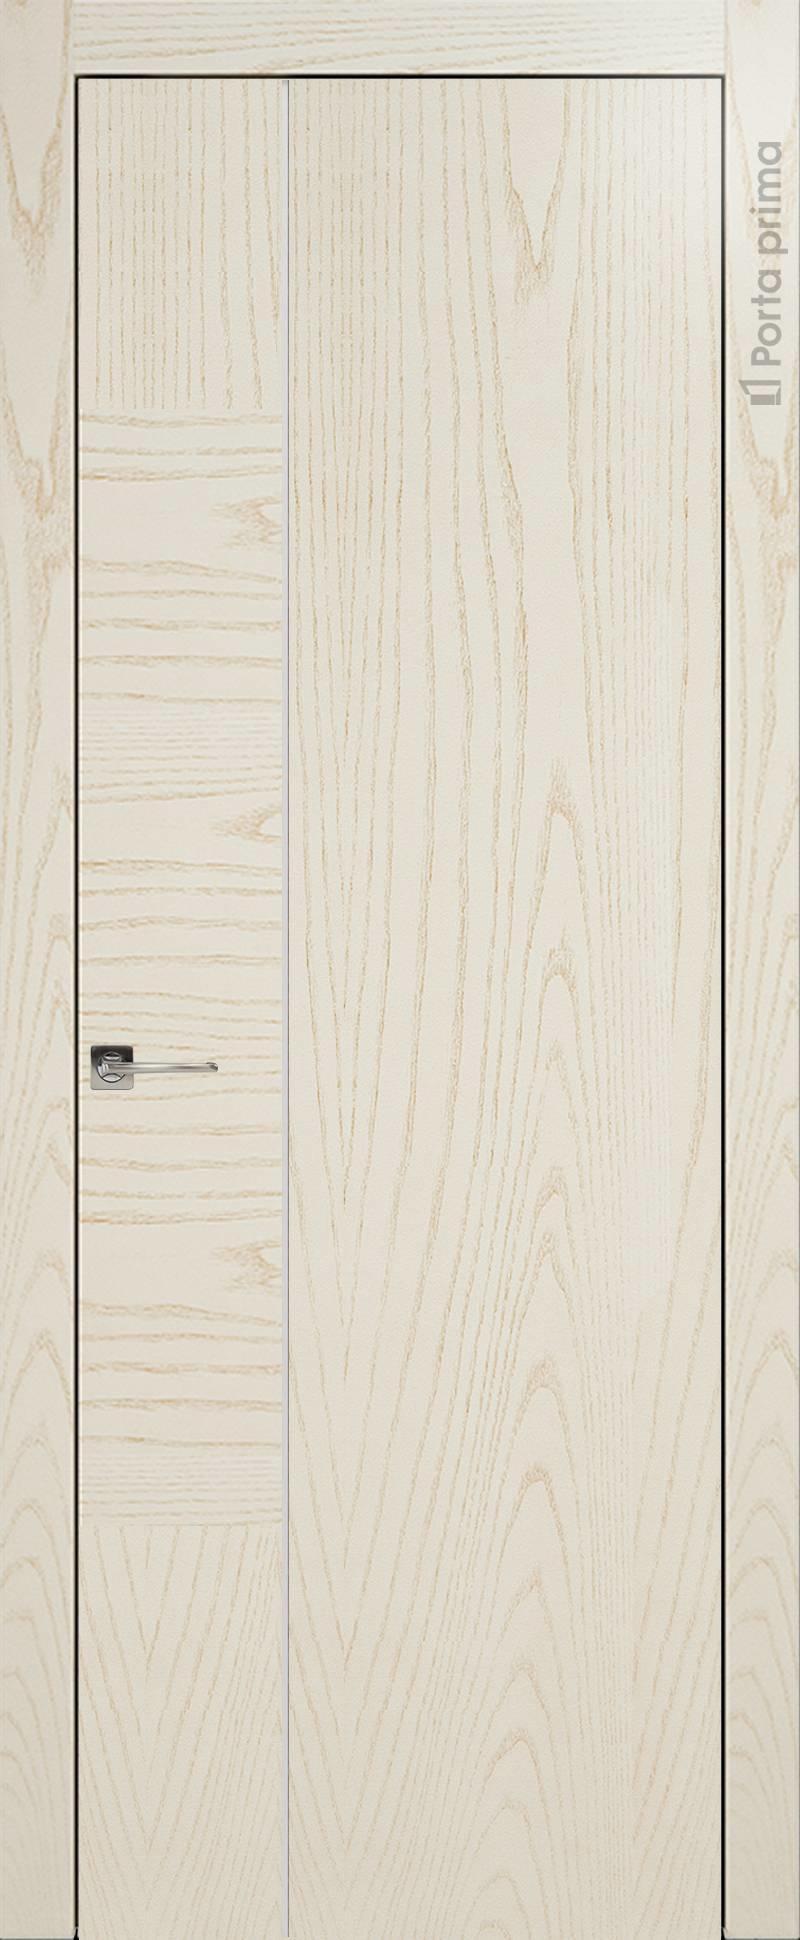 Tivoli В-1 цвет - Бежевый ясень Без стекла (ДГ)